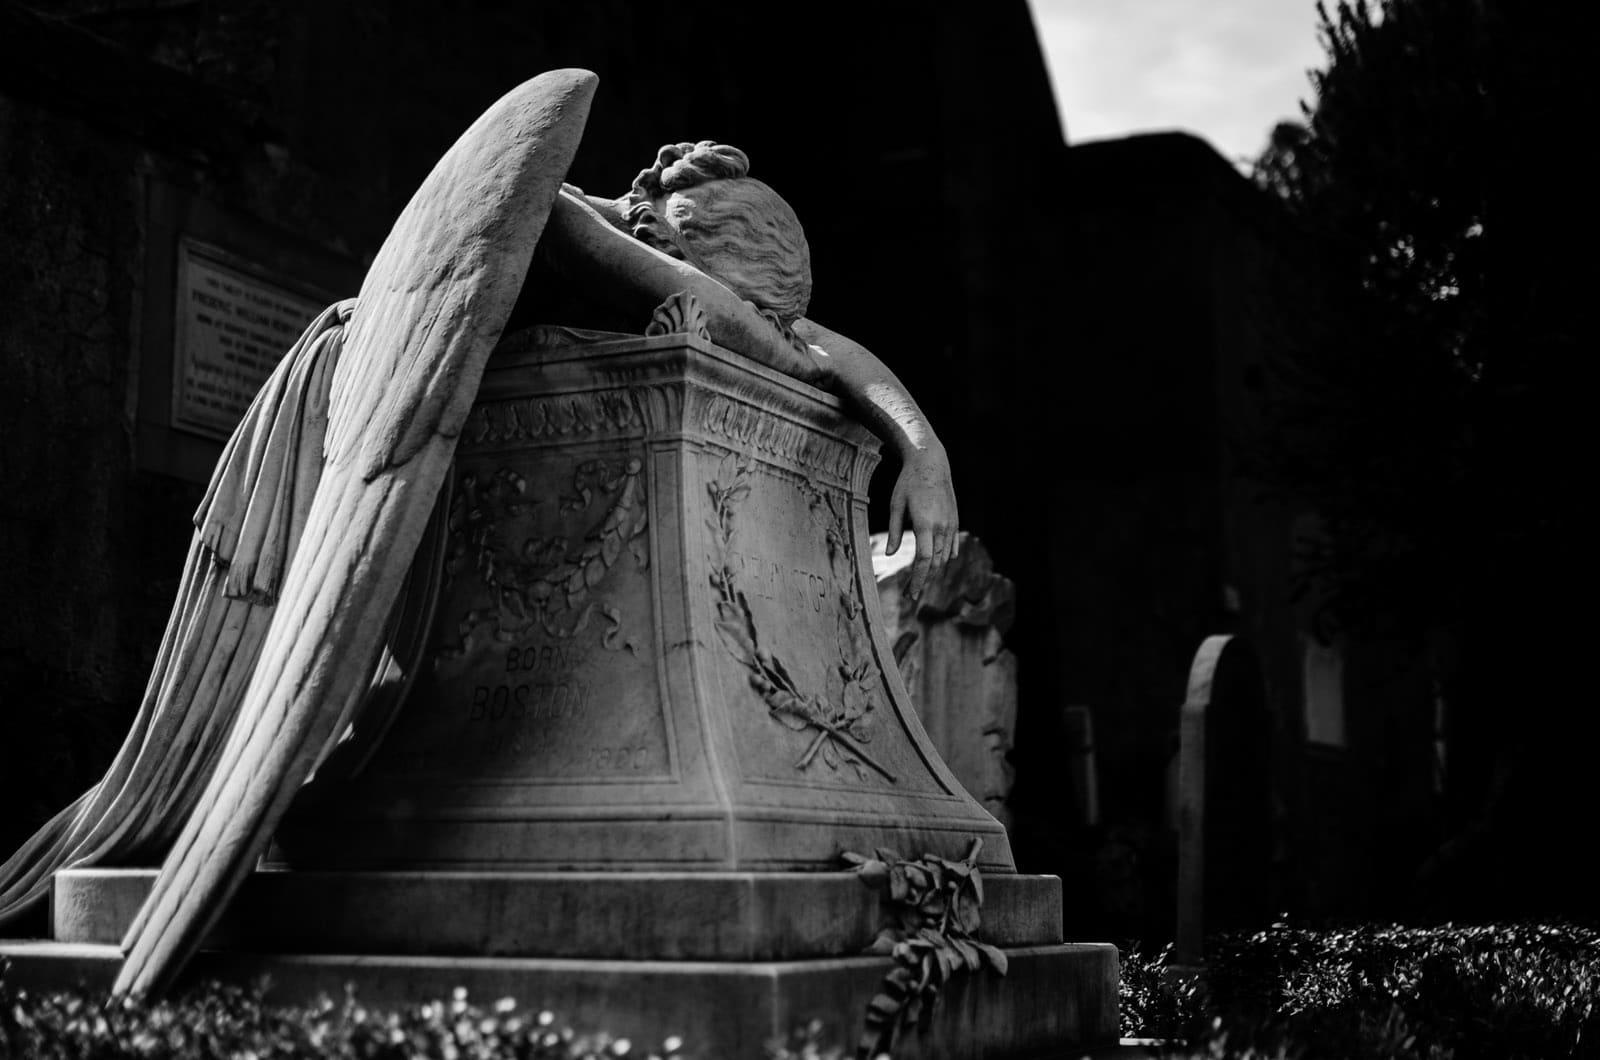 cimitero acattolico roma orari